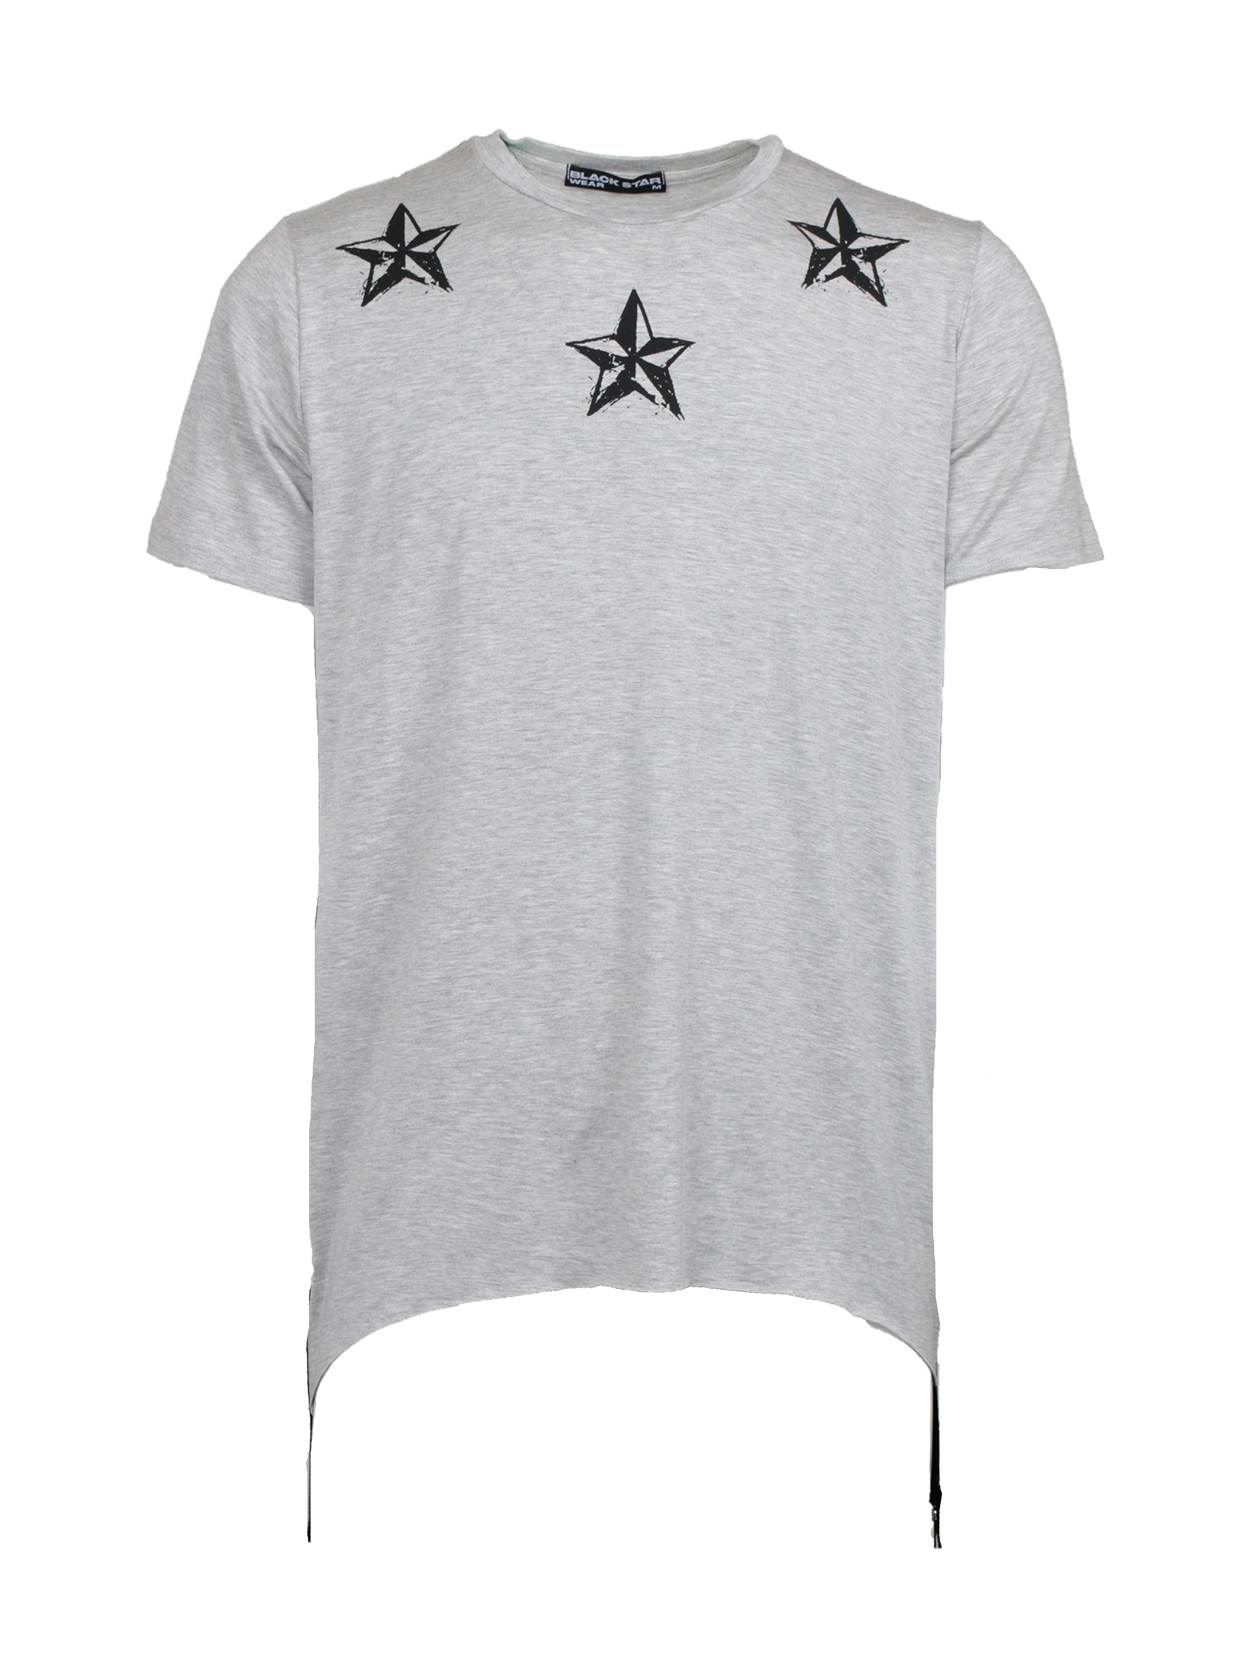 Футболка мужская REGULARМужская футболка из новой коллекции Black Star Wear. Стильная, практичная и очень качественная модель свободного кроя с коротким рукавом, а так же уникальным дизайнерским рисунком на груди в стилеBlack Star. Изделие выполнено из натурального хлопка премиального качества, что обеспечит безупречный комфорт. Низ дополняет ультрамодное дизайнерское решение в виде черных широких молний по бокам. Идеально дополнит стильный мужской образ на каждый день. Несомненно станет незаменимой и любимой вещью в гардеробе. Модель доступна в сером и белом цветах.<br><br>Размер: L<br>Цвет: Серый меланж<br>Пол: Мужской